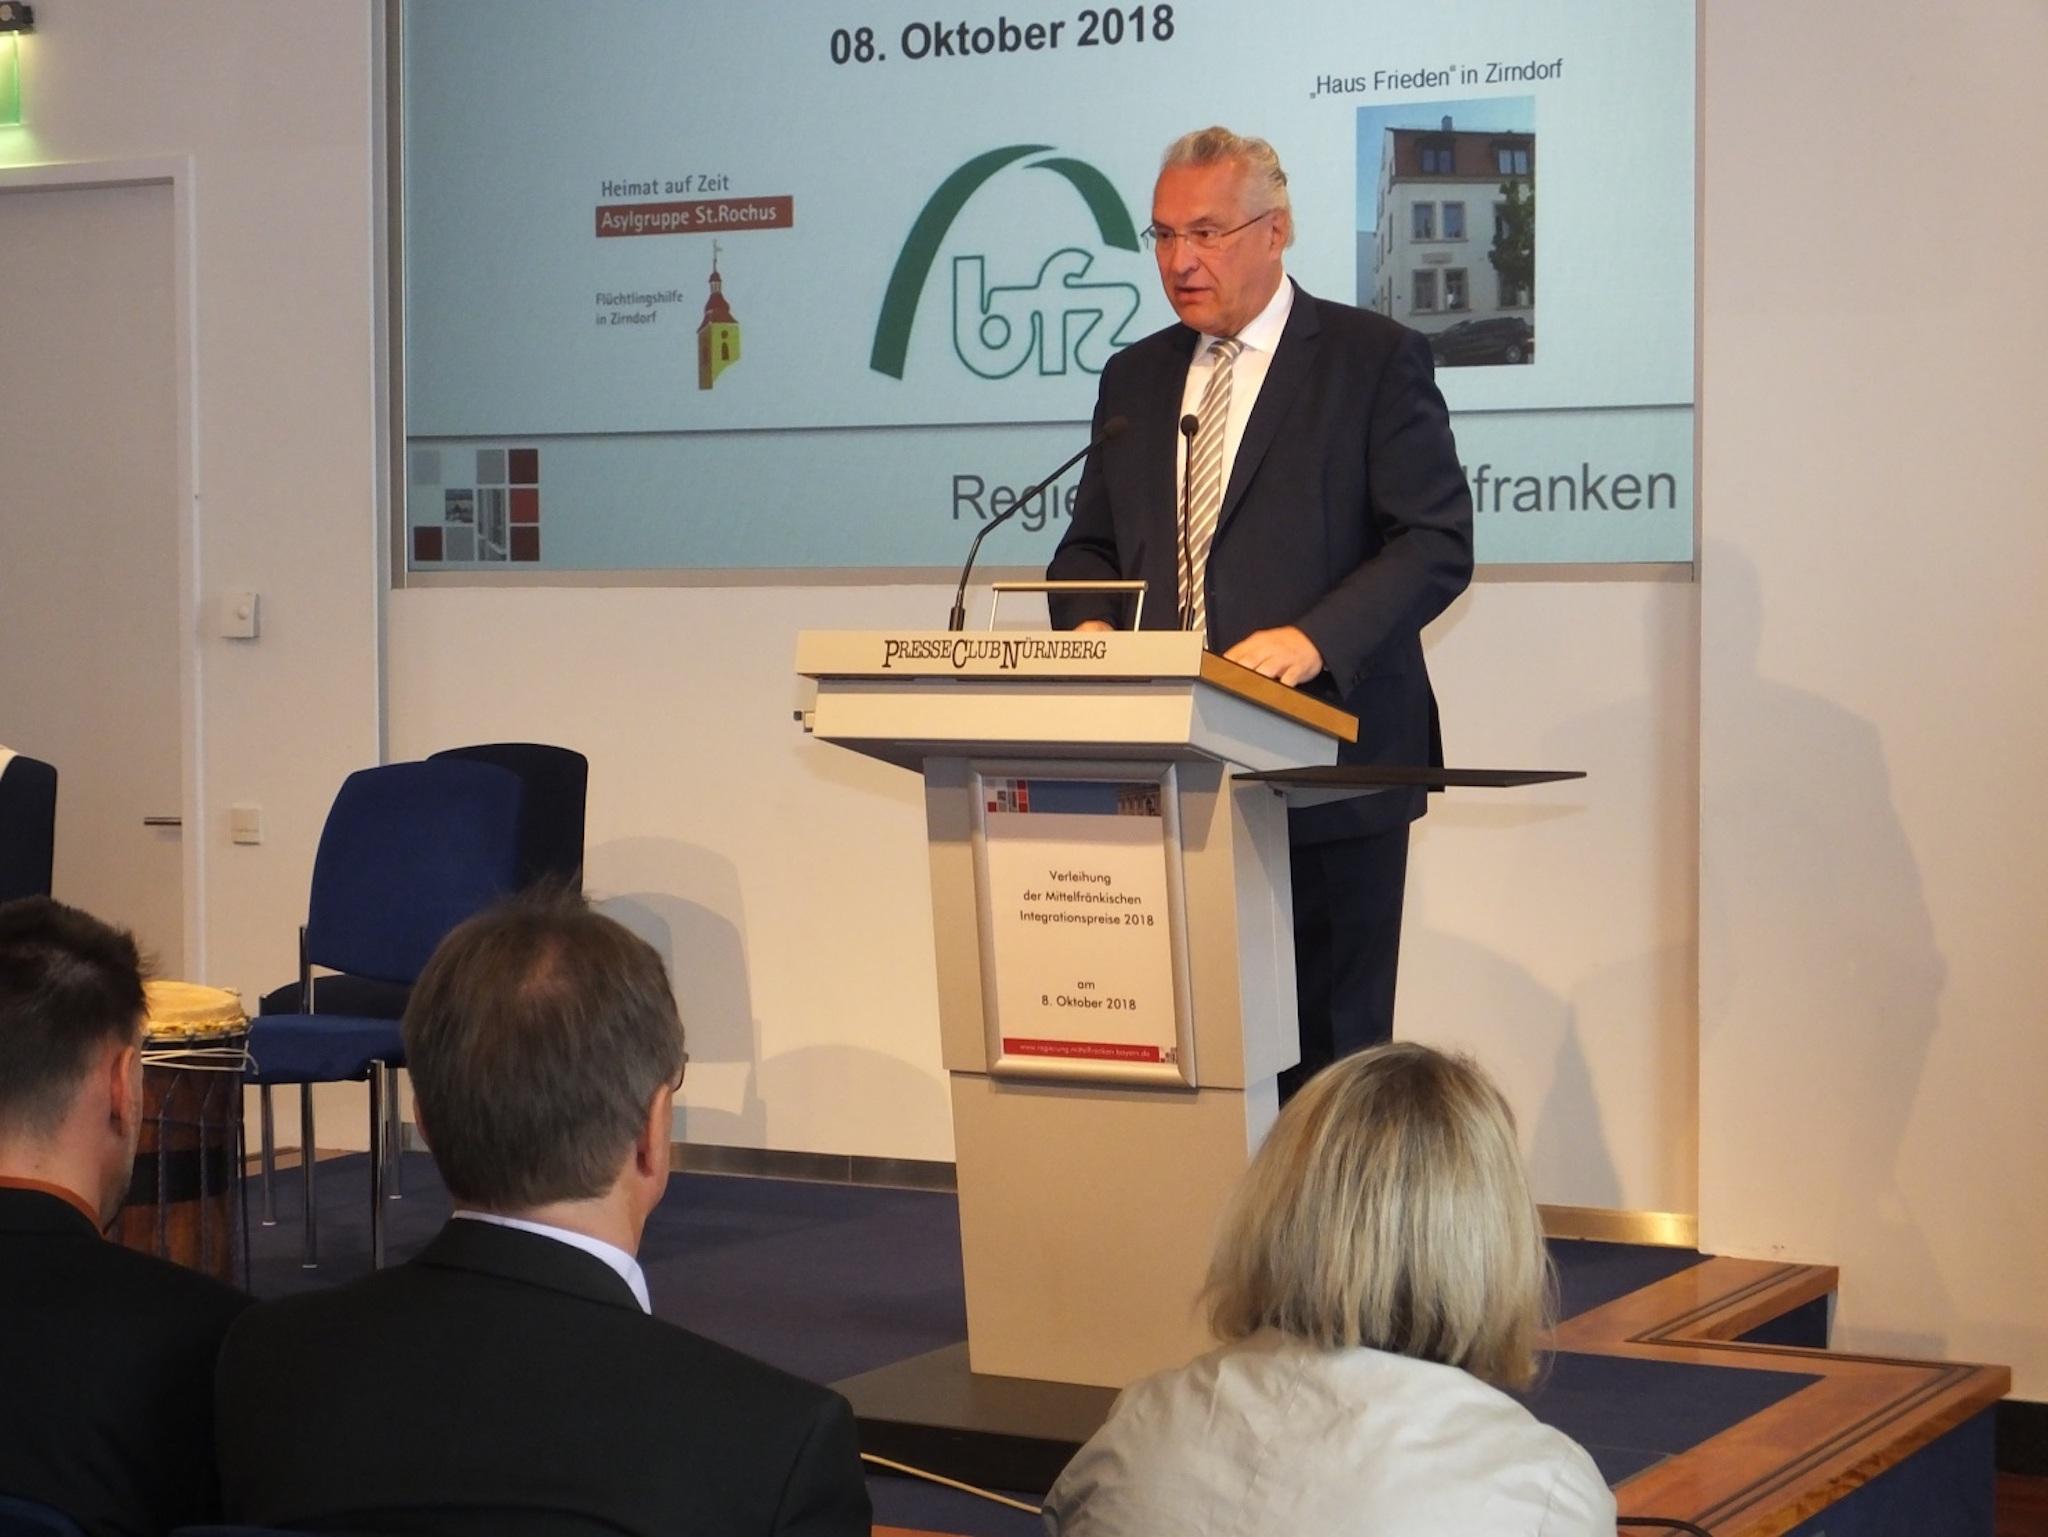 Bayerns Integrationsminister Joachim Herrmann. Foto: Regierung von Mittelfranken